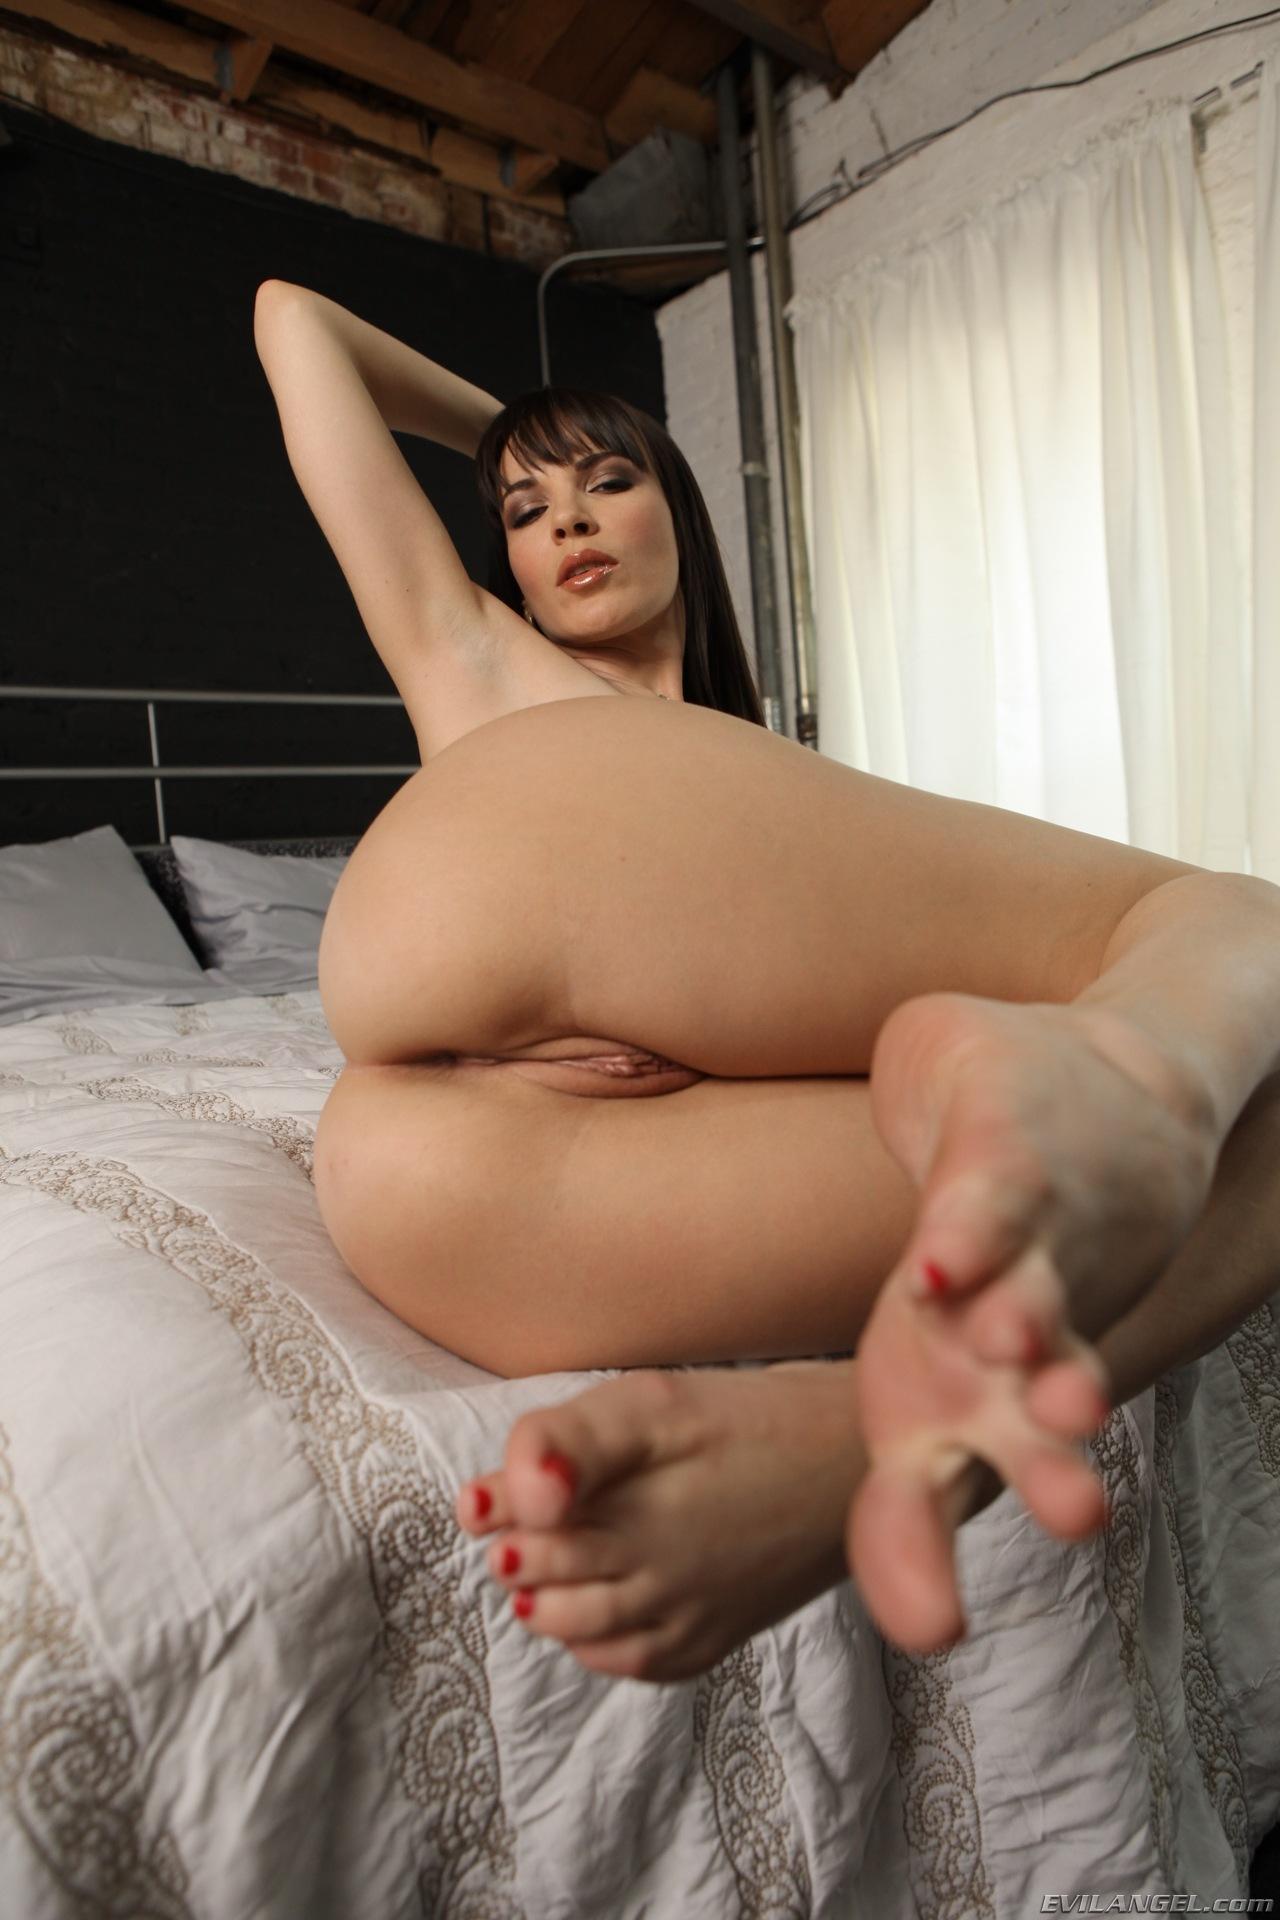 dana porn actress